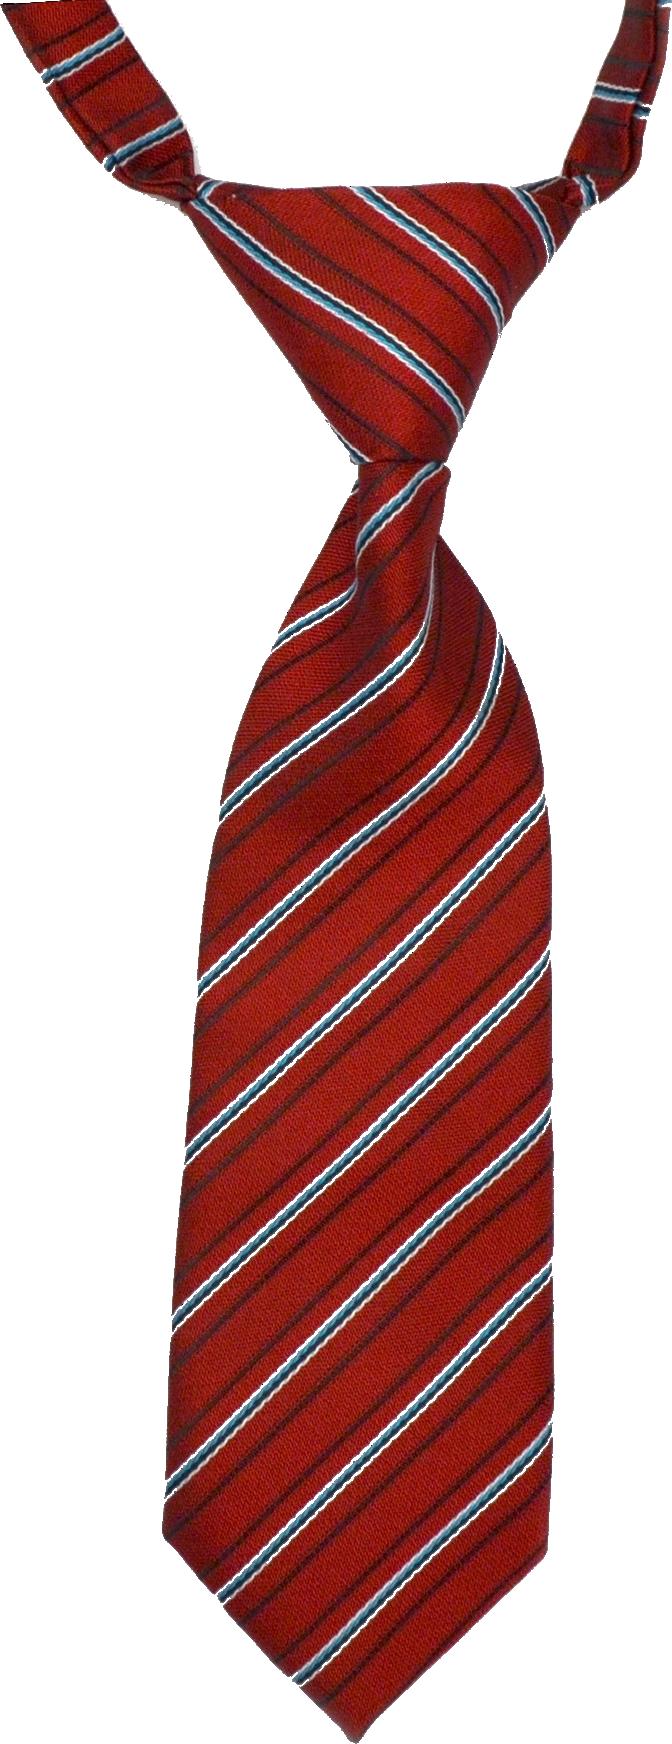 Tie Png Hd - PNG HD Tie